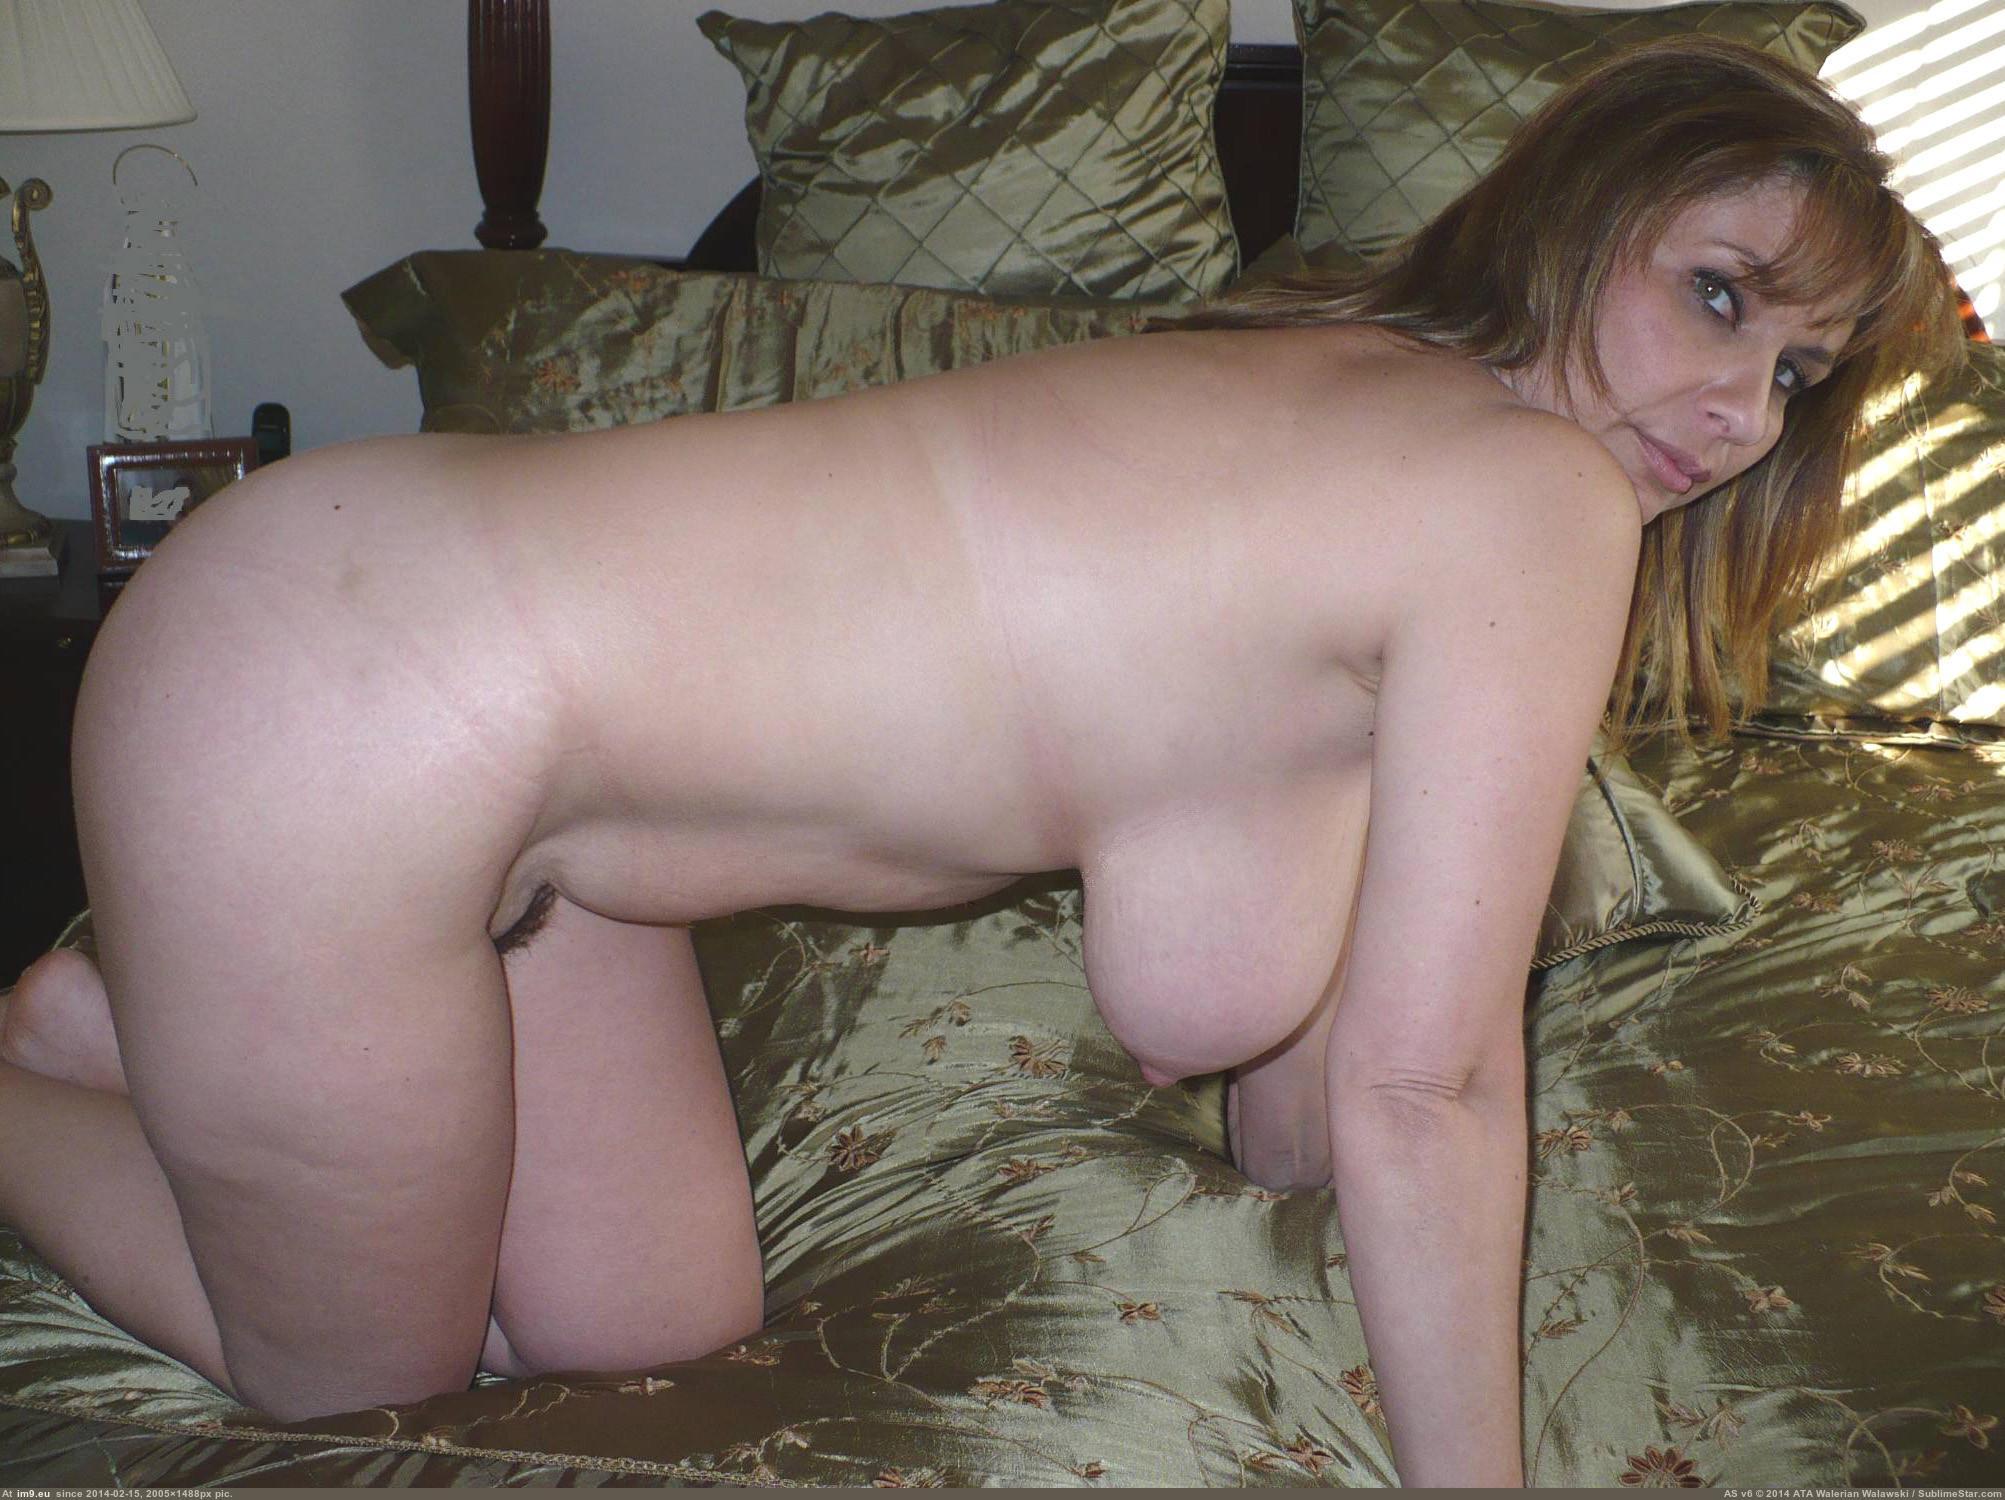 Смотреть порно онлайн большие сиськи зрелых мам 17 фотография